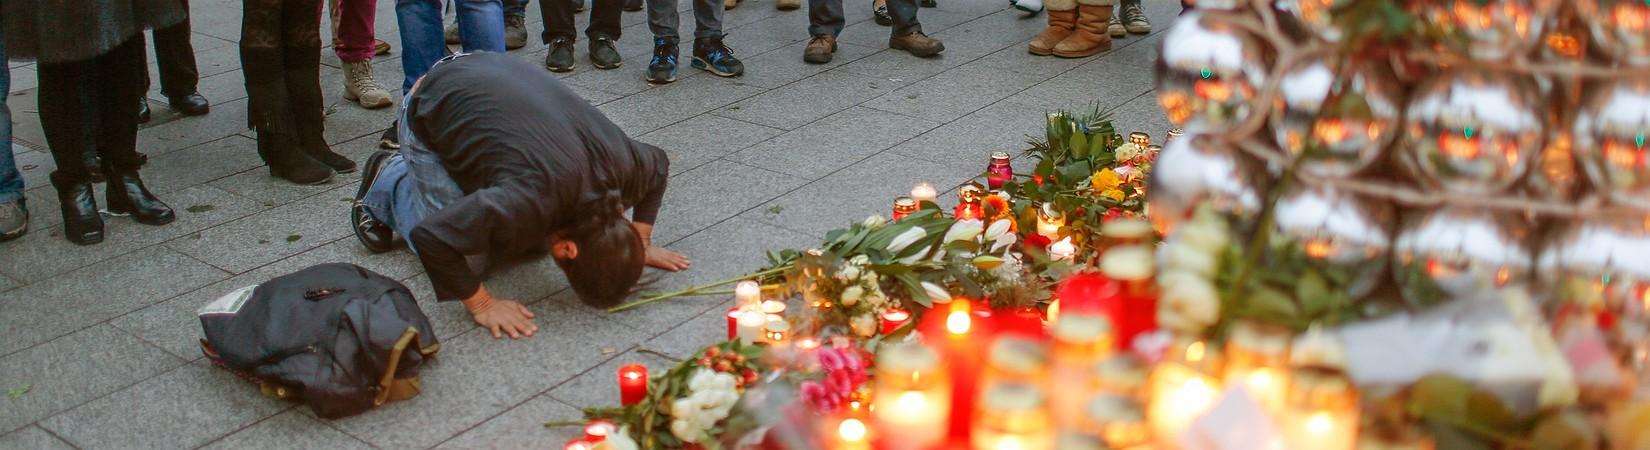 Berlino: rilasciato il pakistano arrestato, non è lui l'attentatore